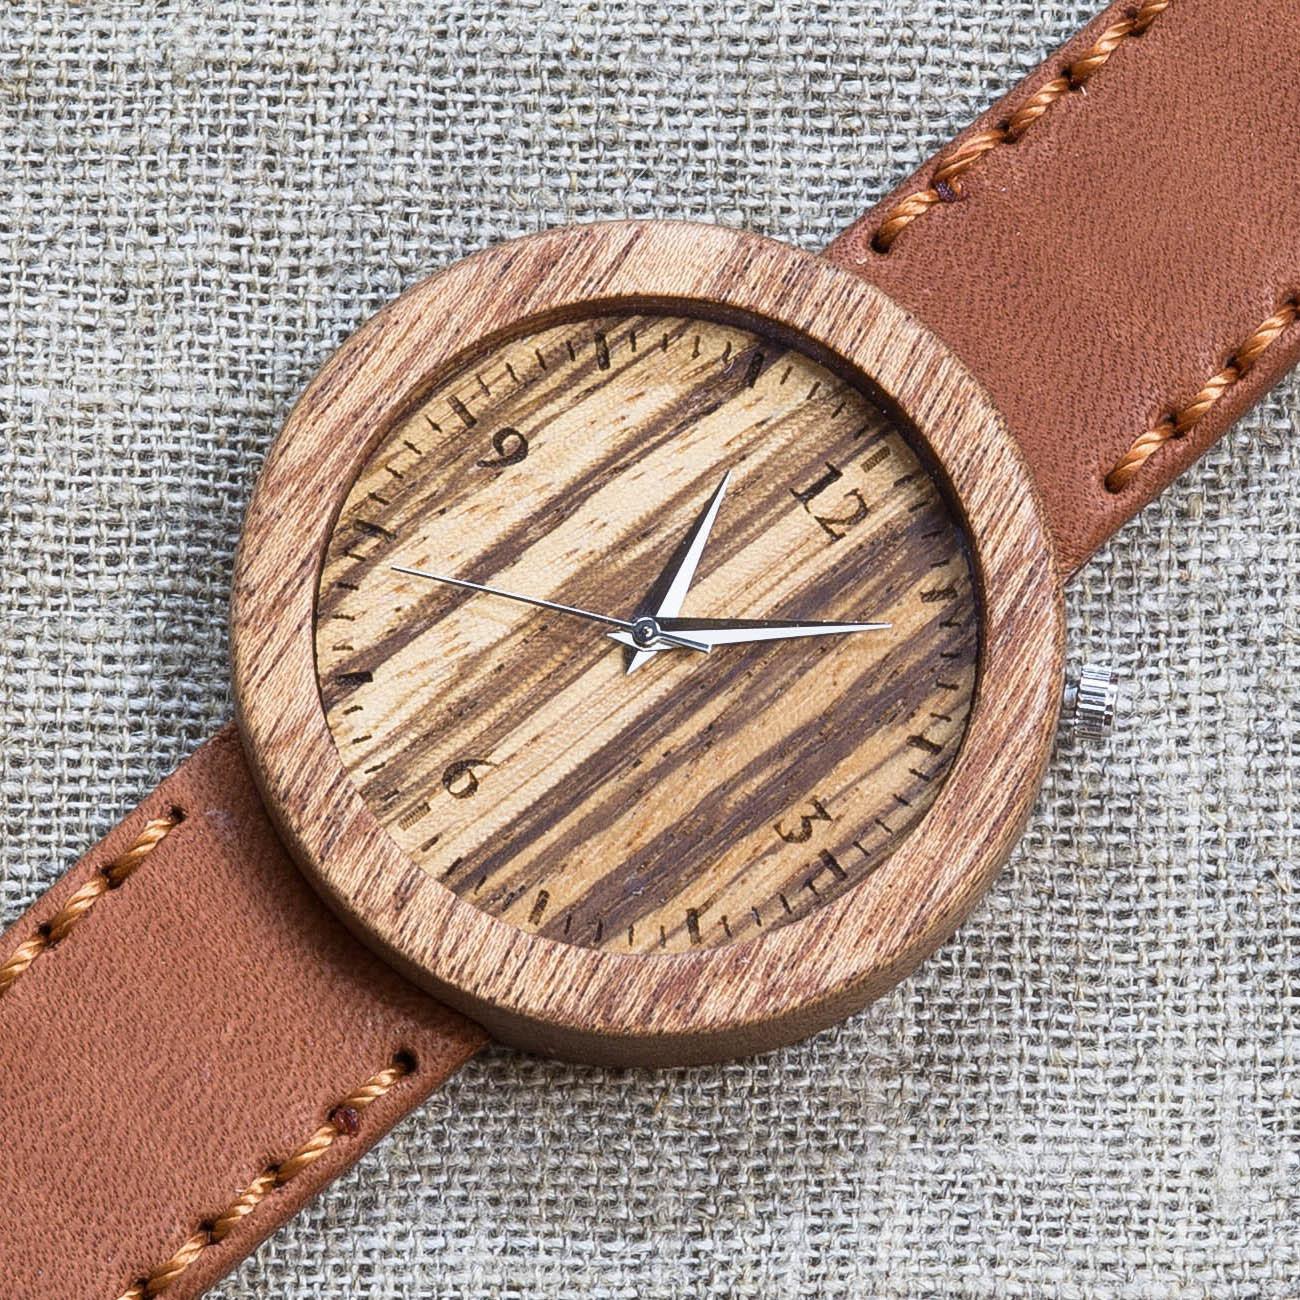 Деревянные часы из сапеле Майами 5. Циферблат - зебрано. Терракотовый премиум ремешок ручной работы из кожи теленка. Персональная гравировка TW-Miami5